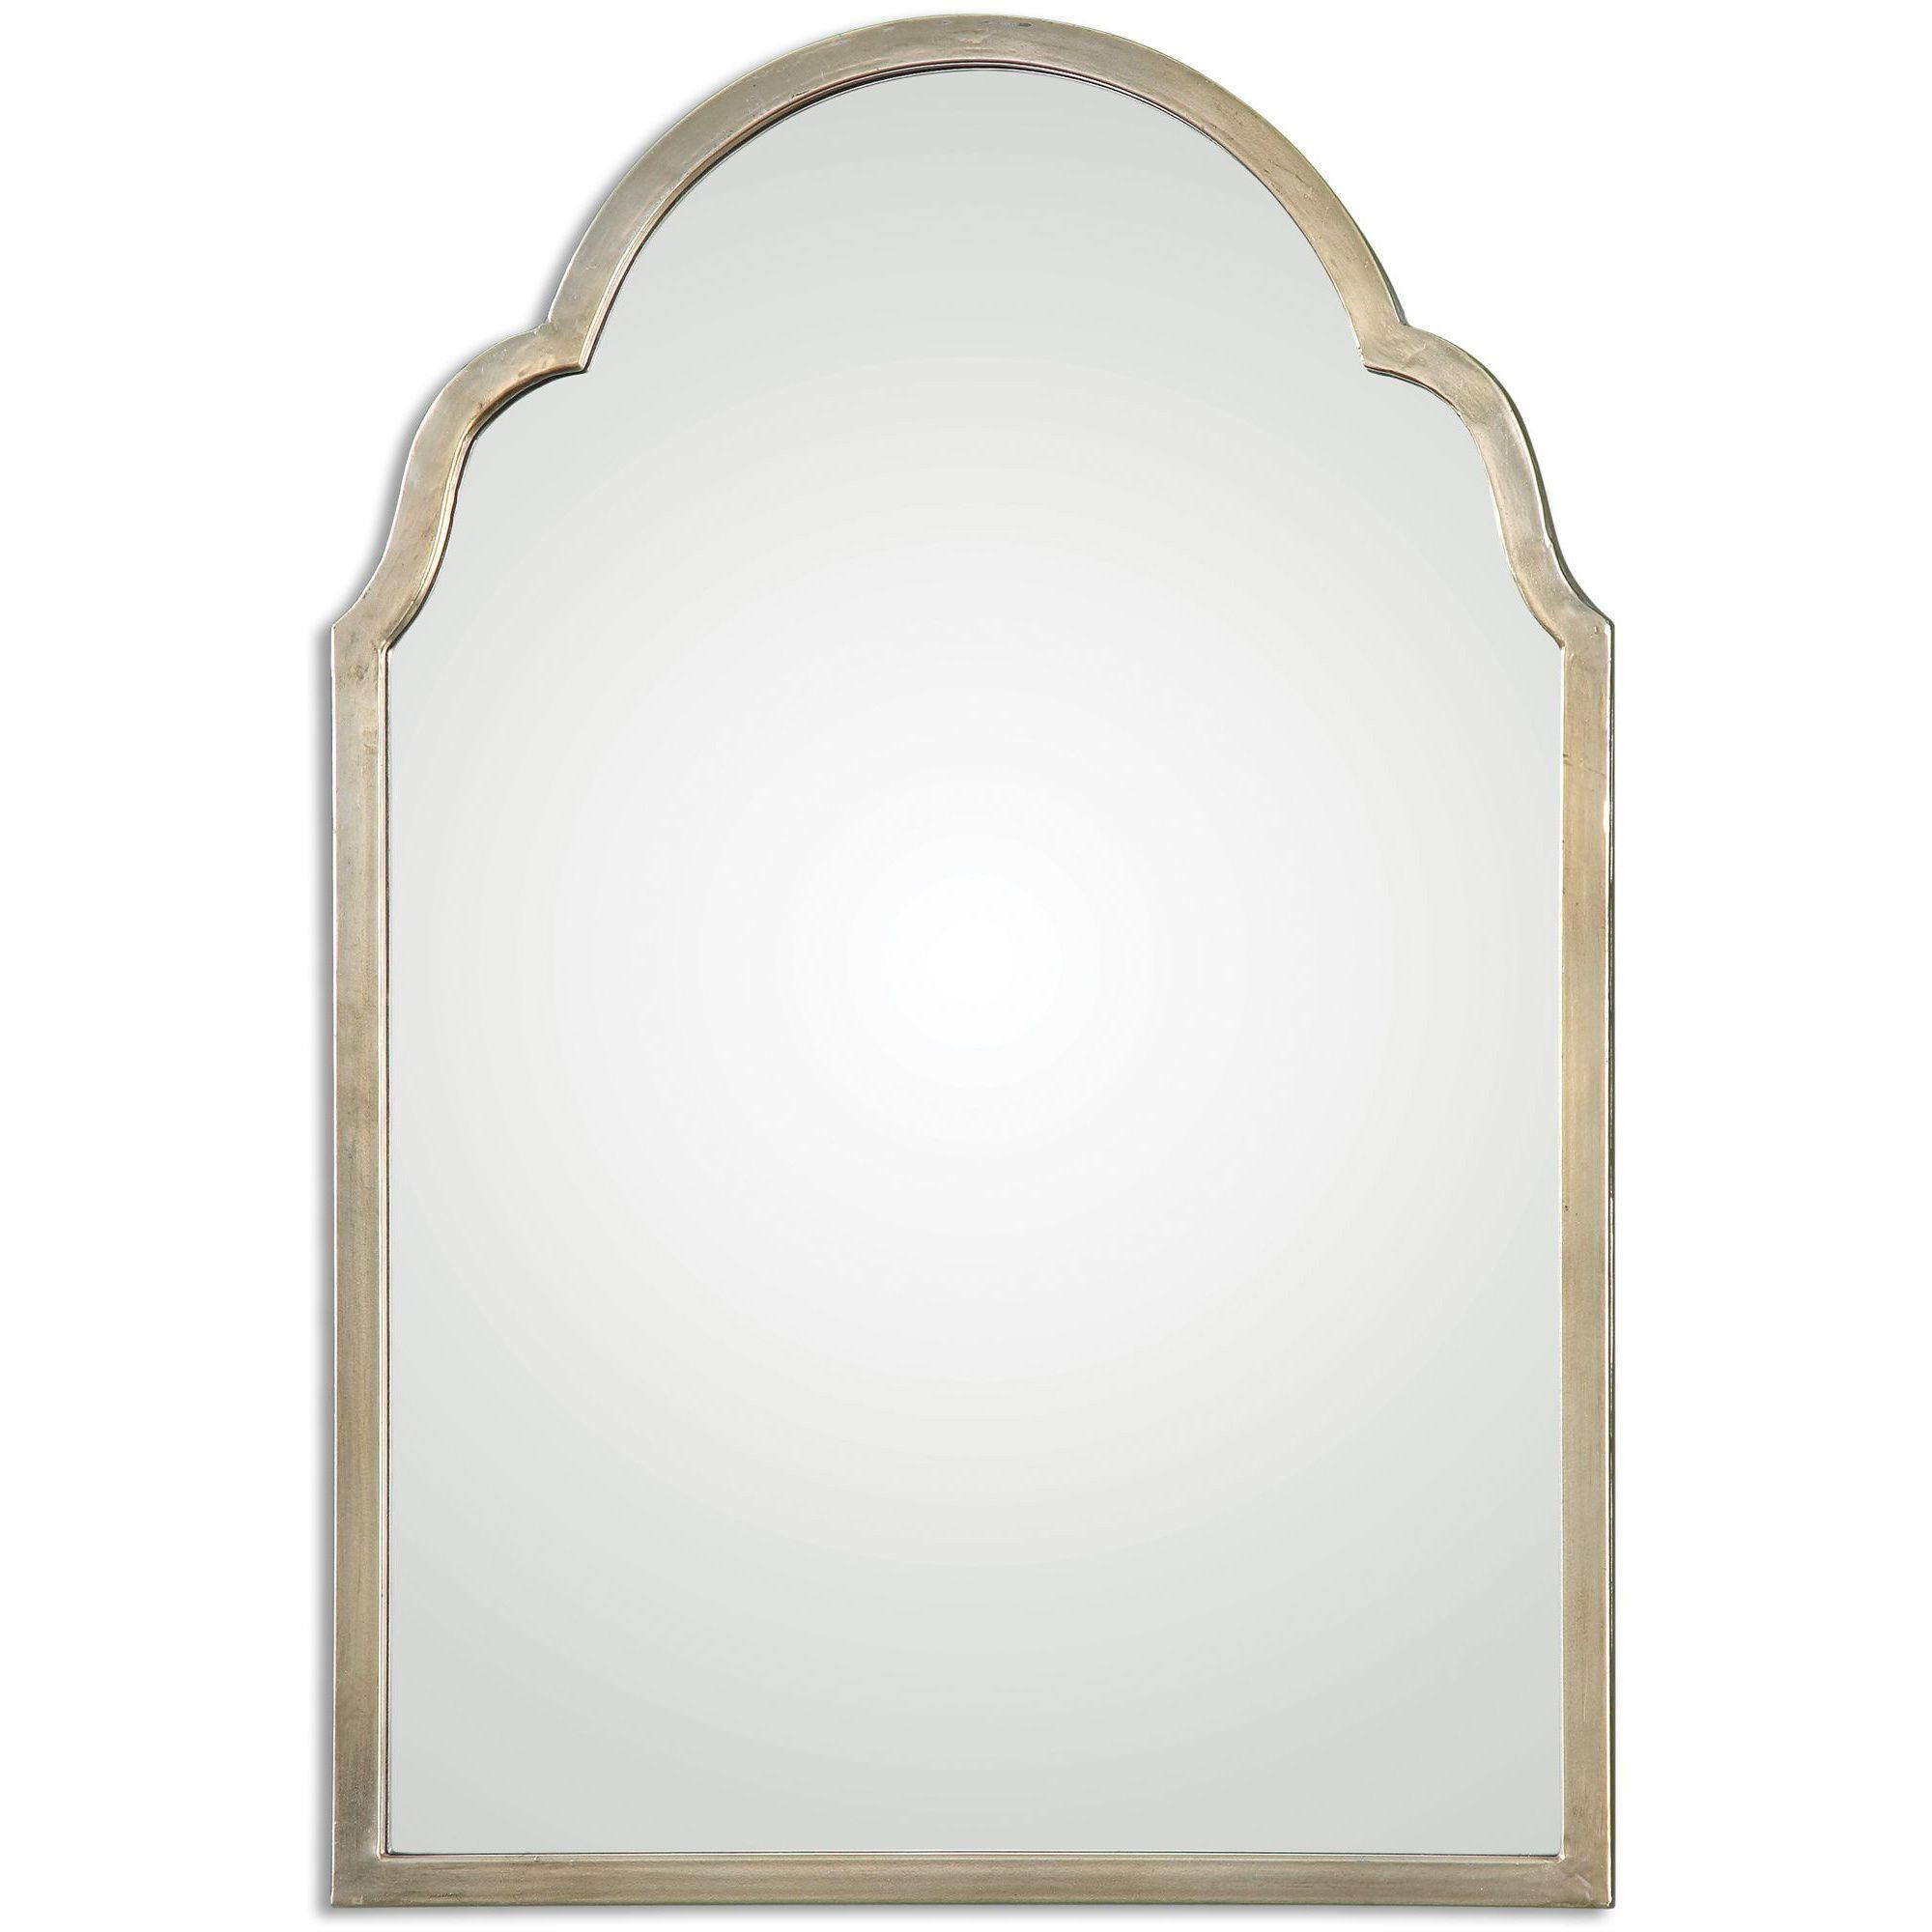 Uttermost Brayden Petite Silver Arch Decorative Wall Mirror